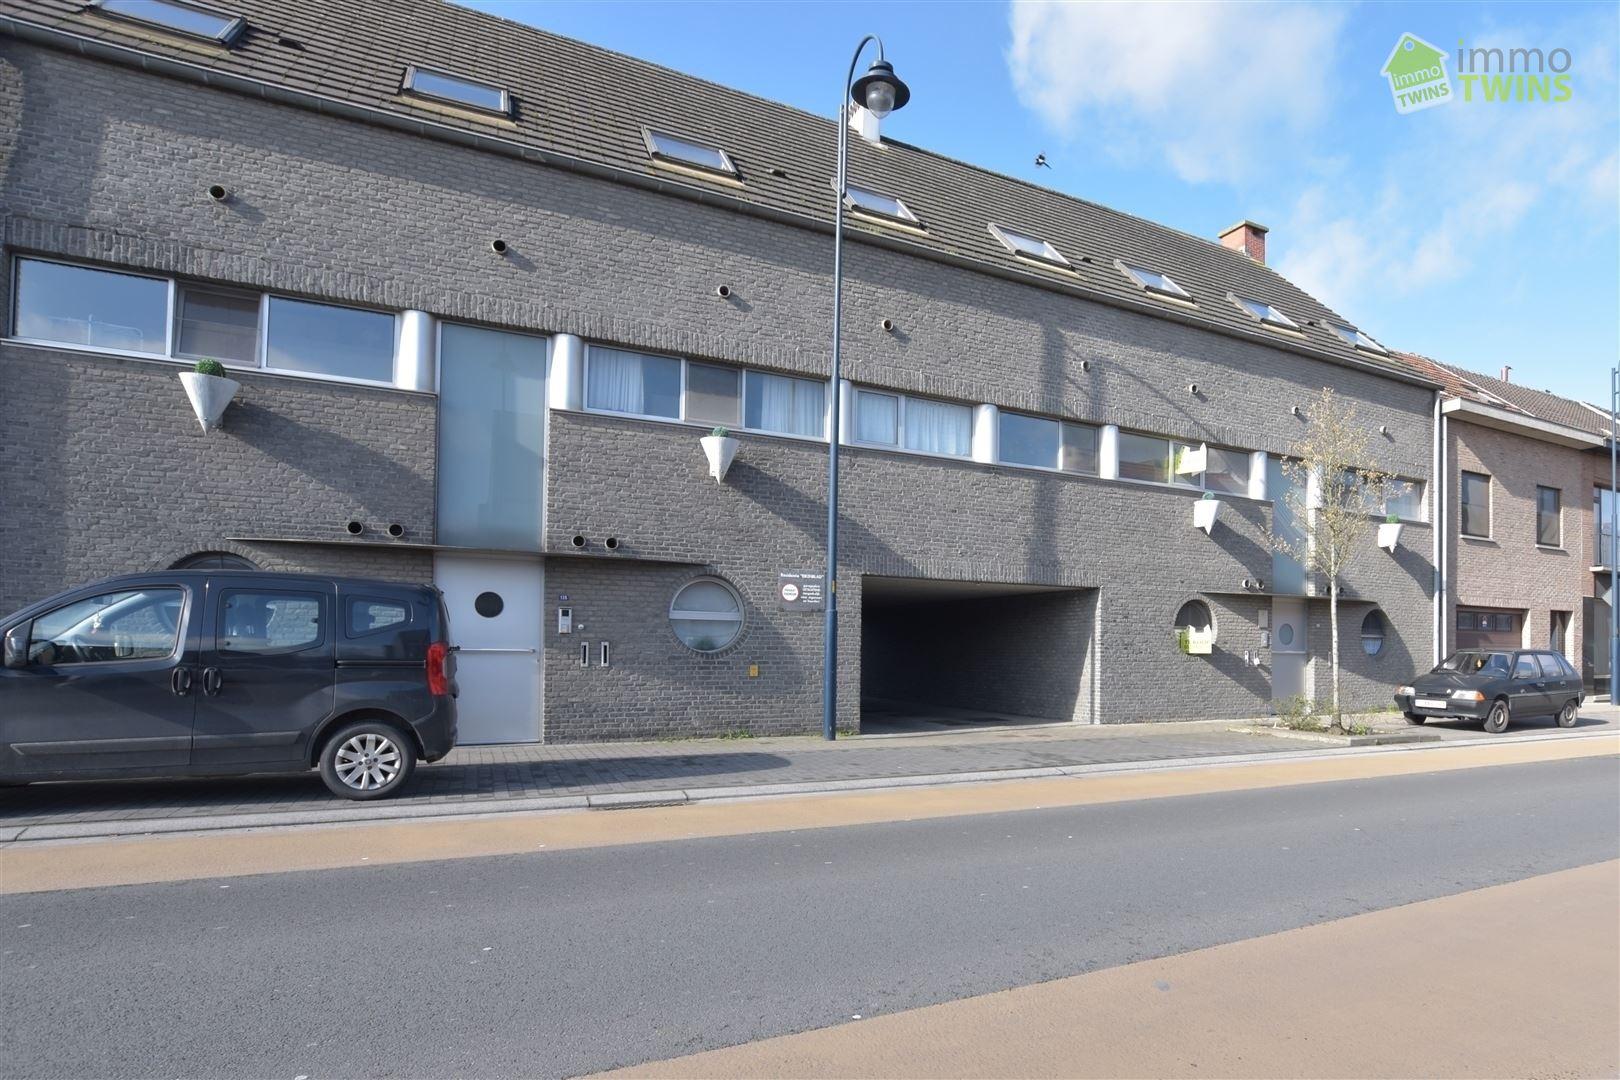 Foto 24 : Duplex/triplex te 9280 LEBBEKE (België) - Prijs € 257.000